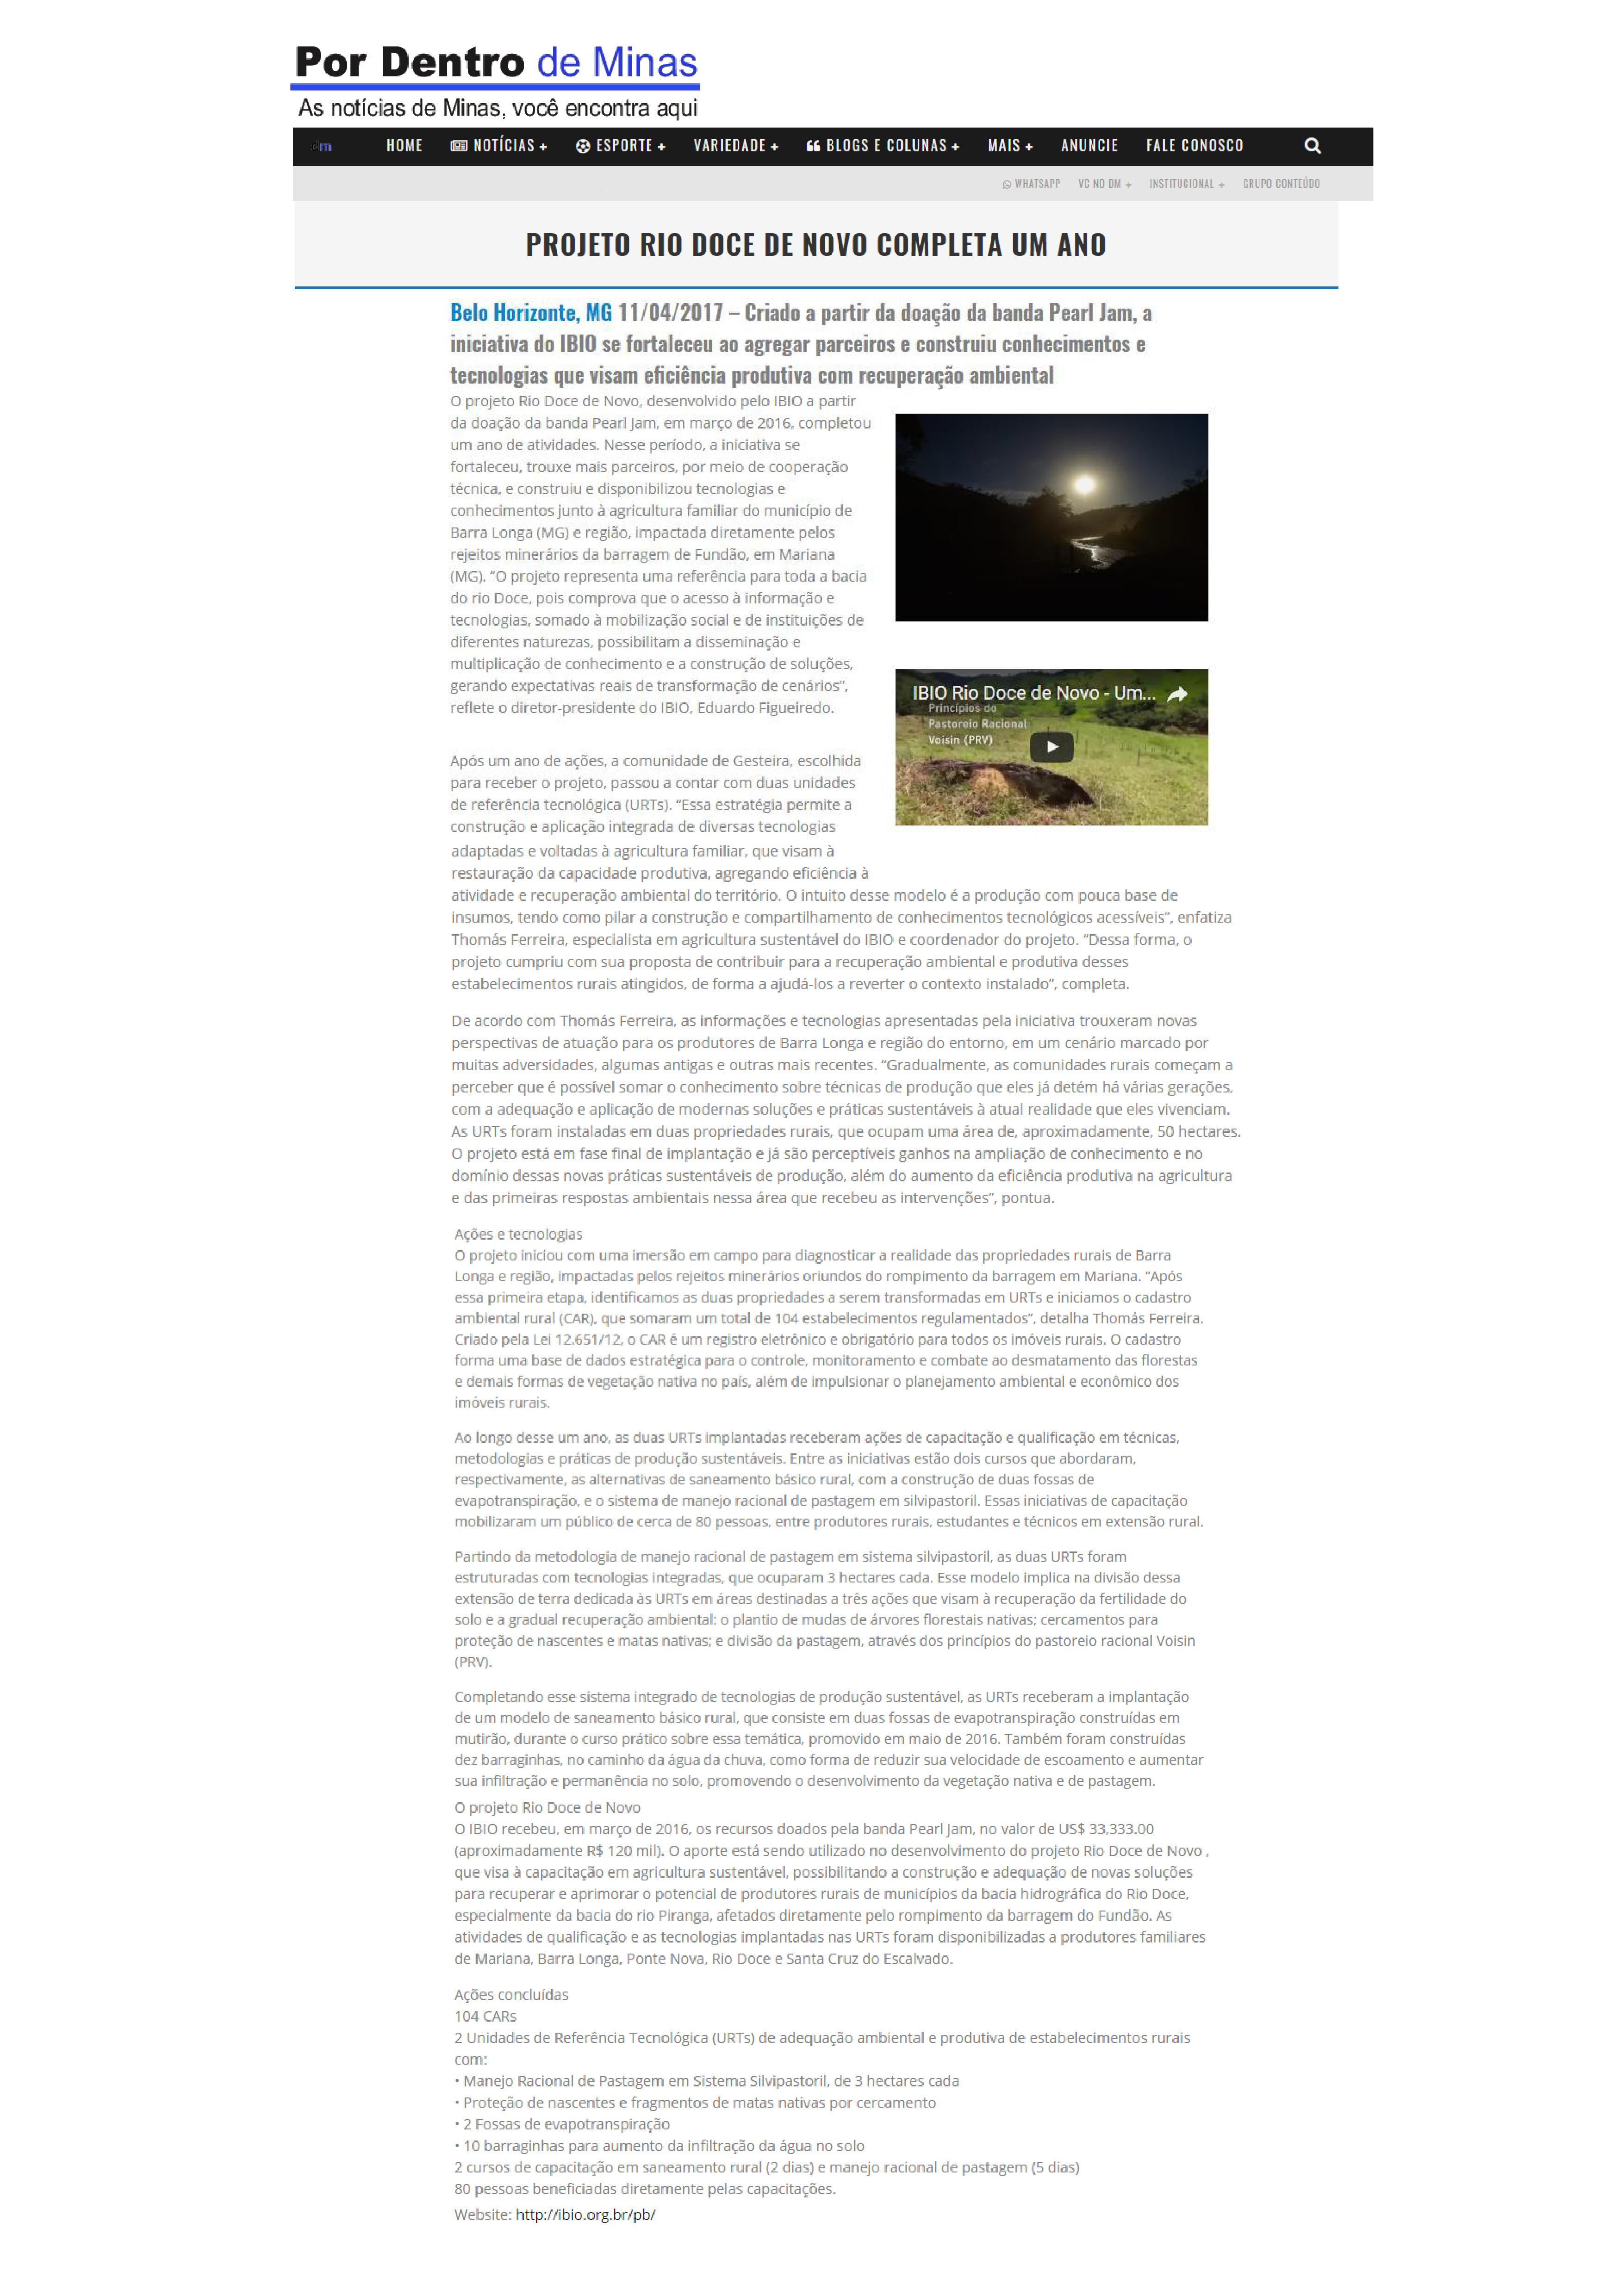 Ibio- por dentro de minas 04.11-07